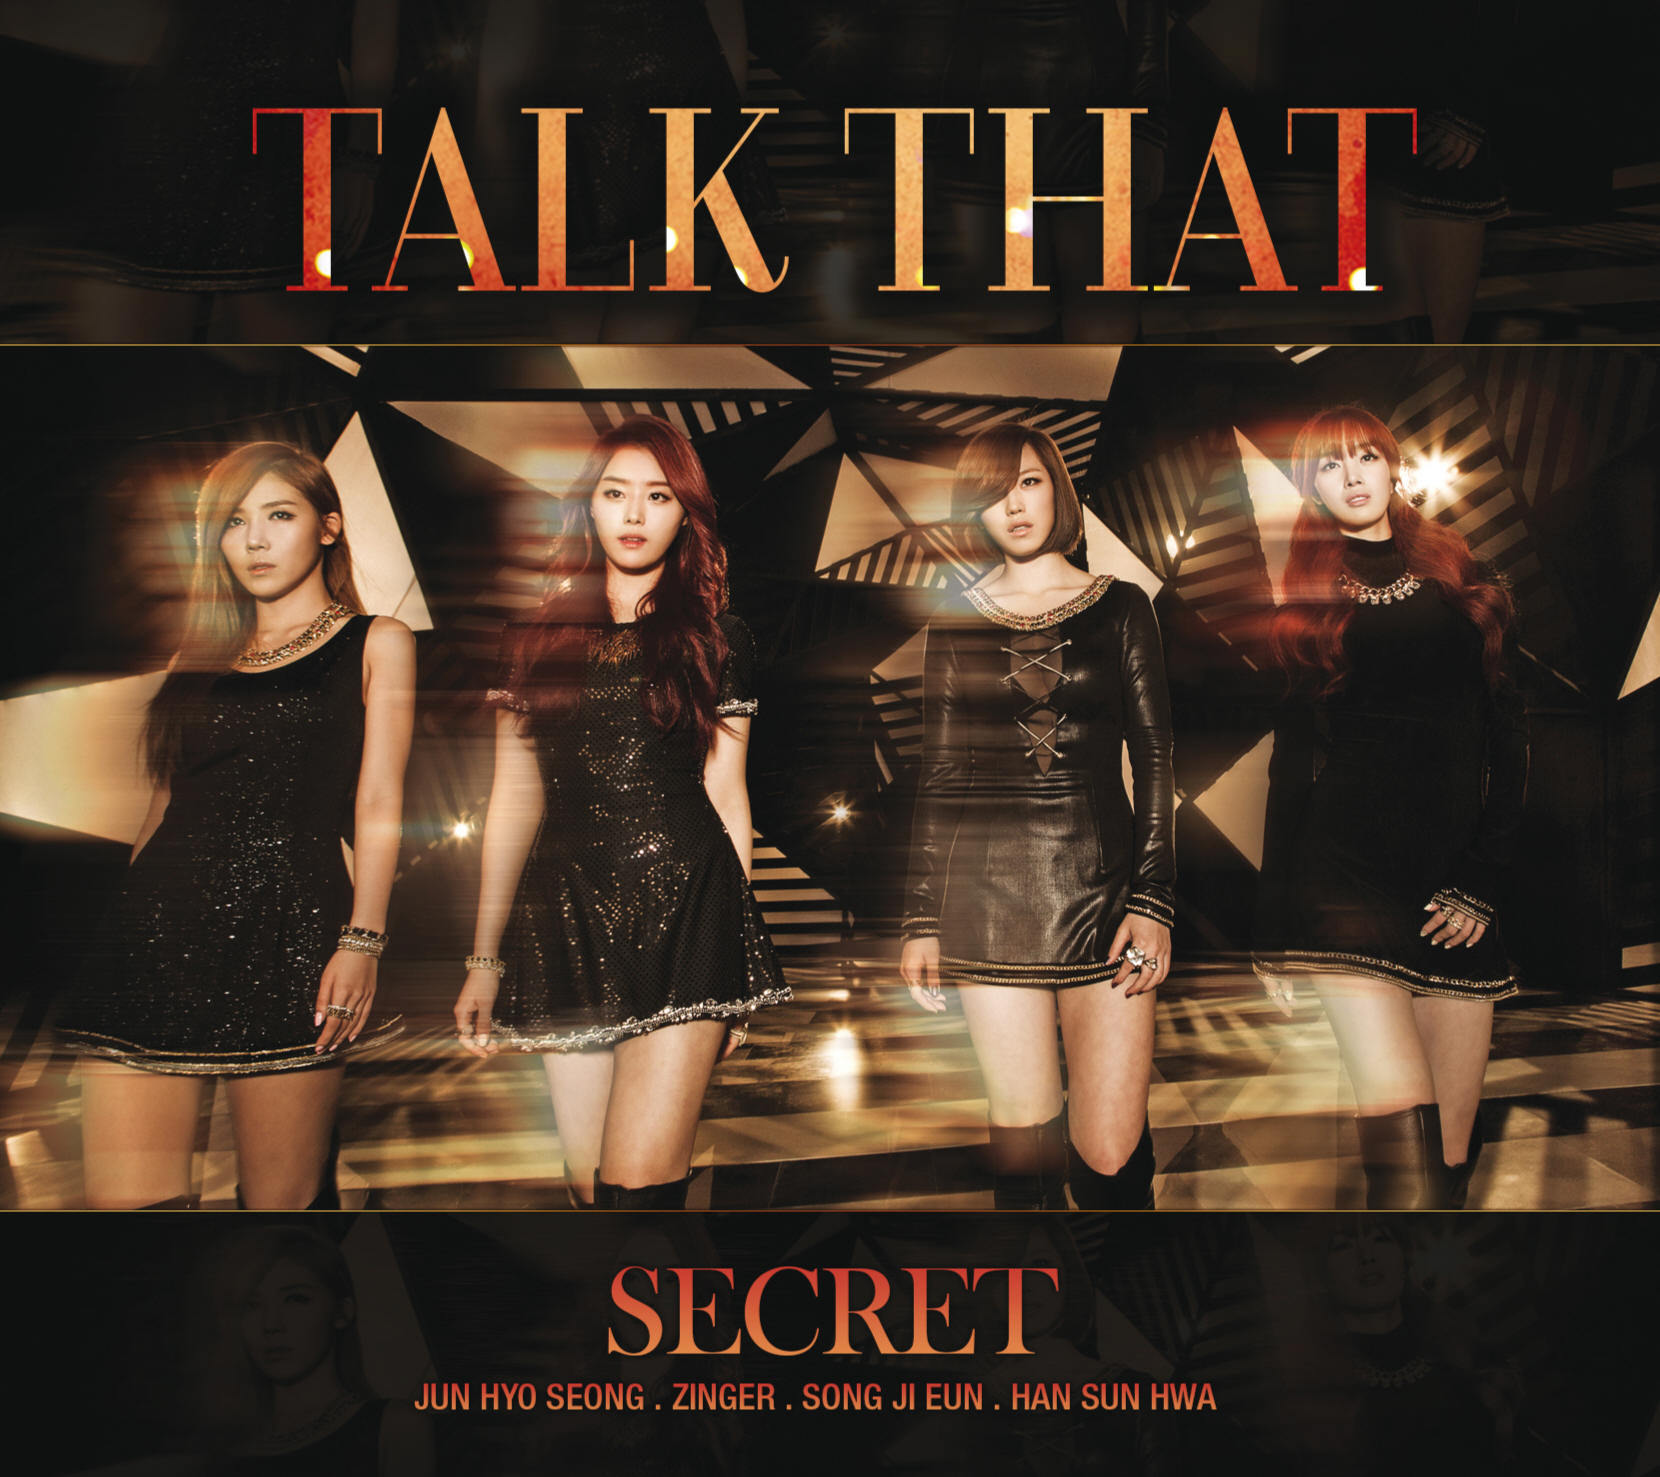 20160119.01.1 Secret - Talk That cover.jpg